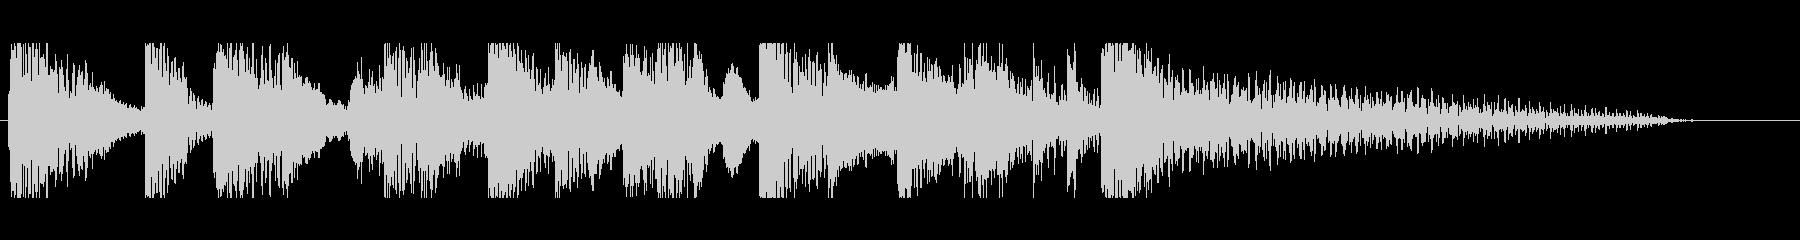 ステージクリア クールなイメージの未再生の波形